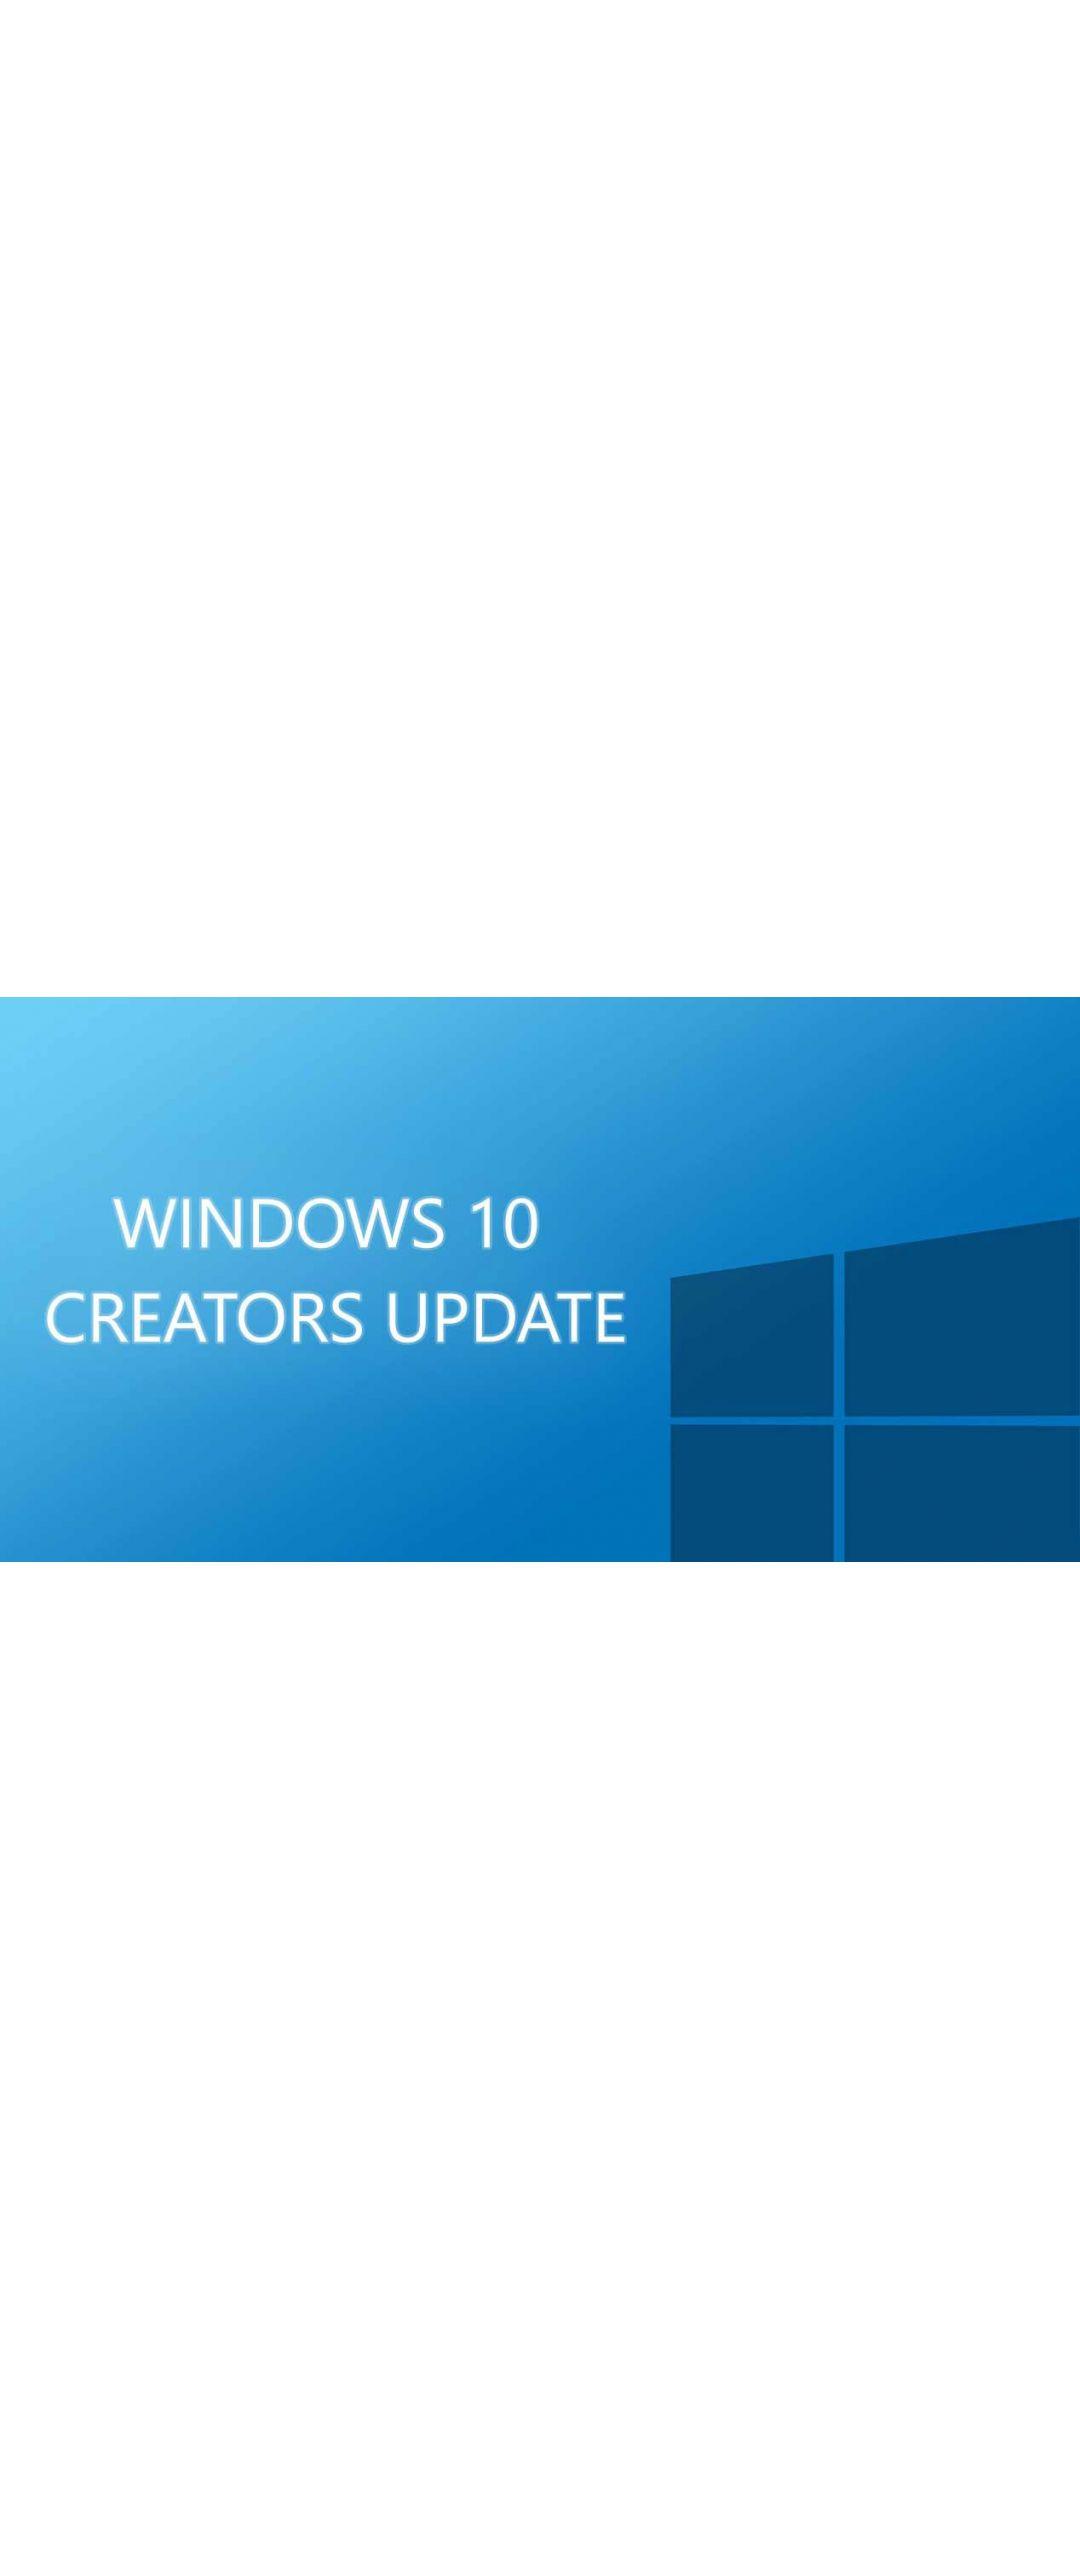 Windows 10 Creators Update ya disponible para su descarga